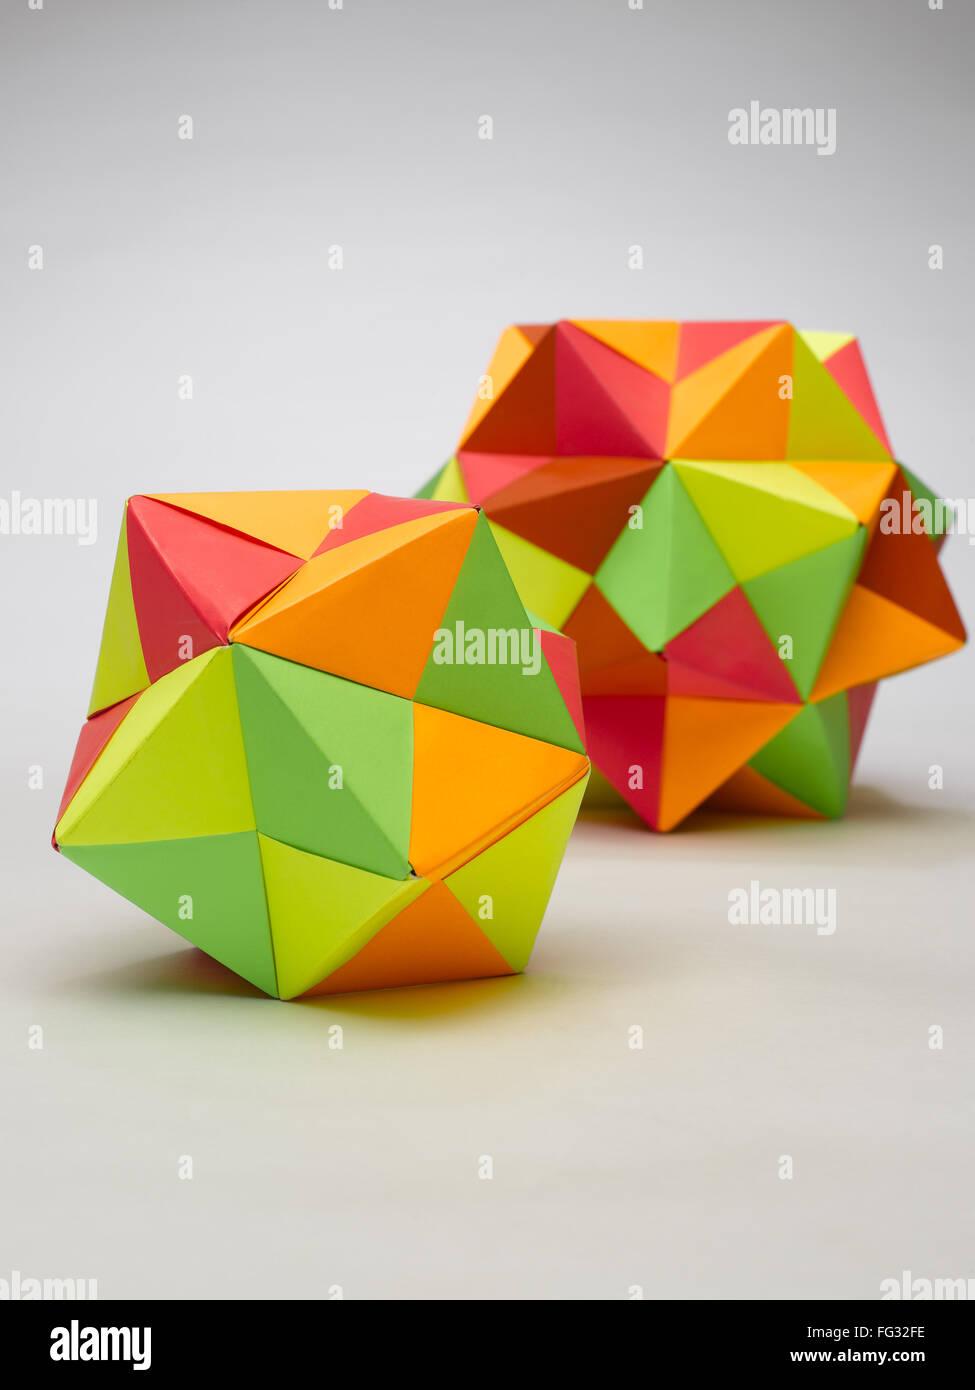 Origami multiplex balls India - Stock Image